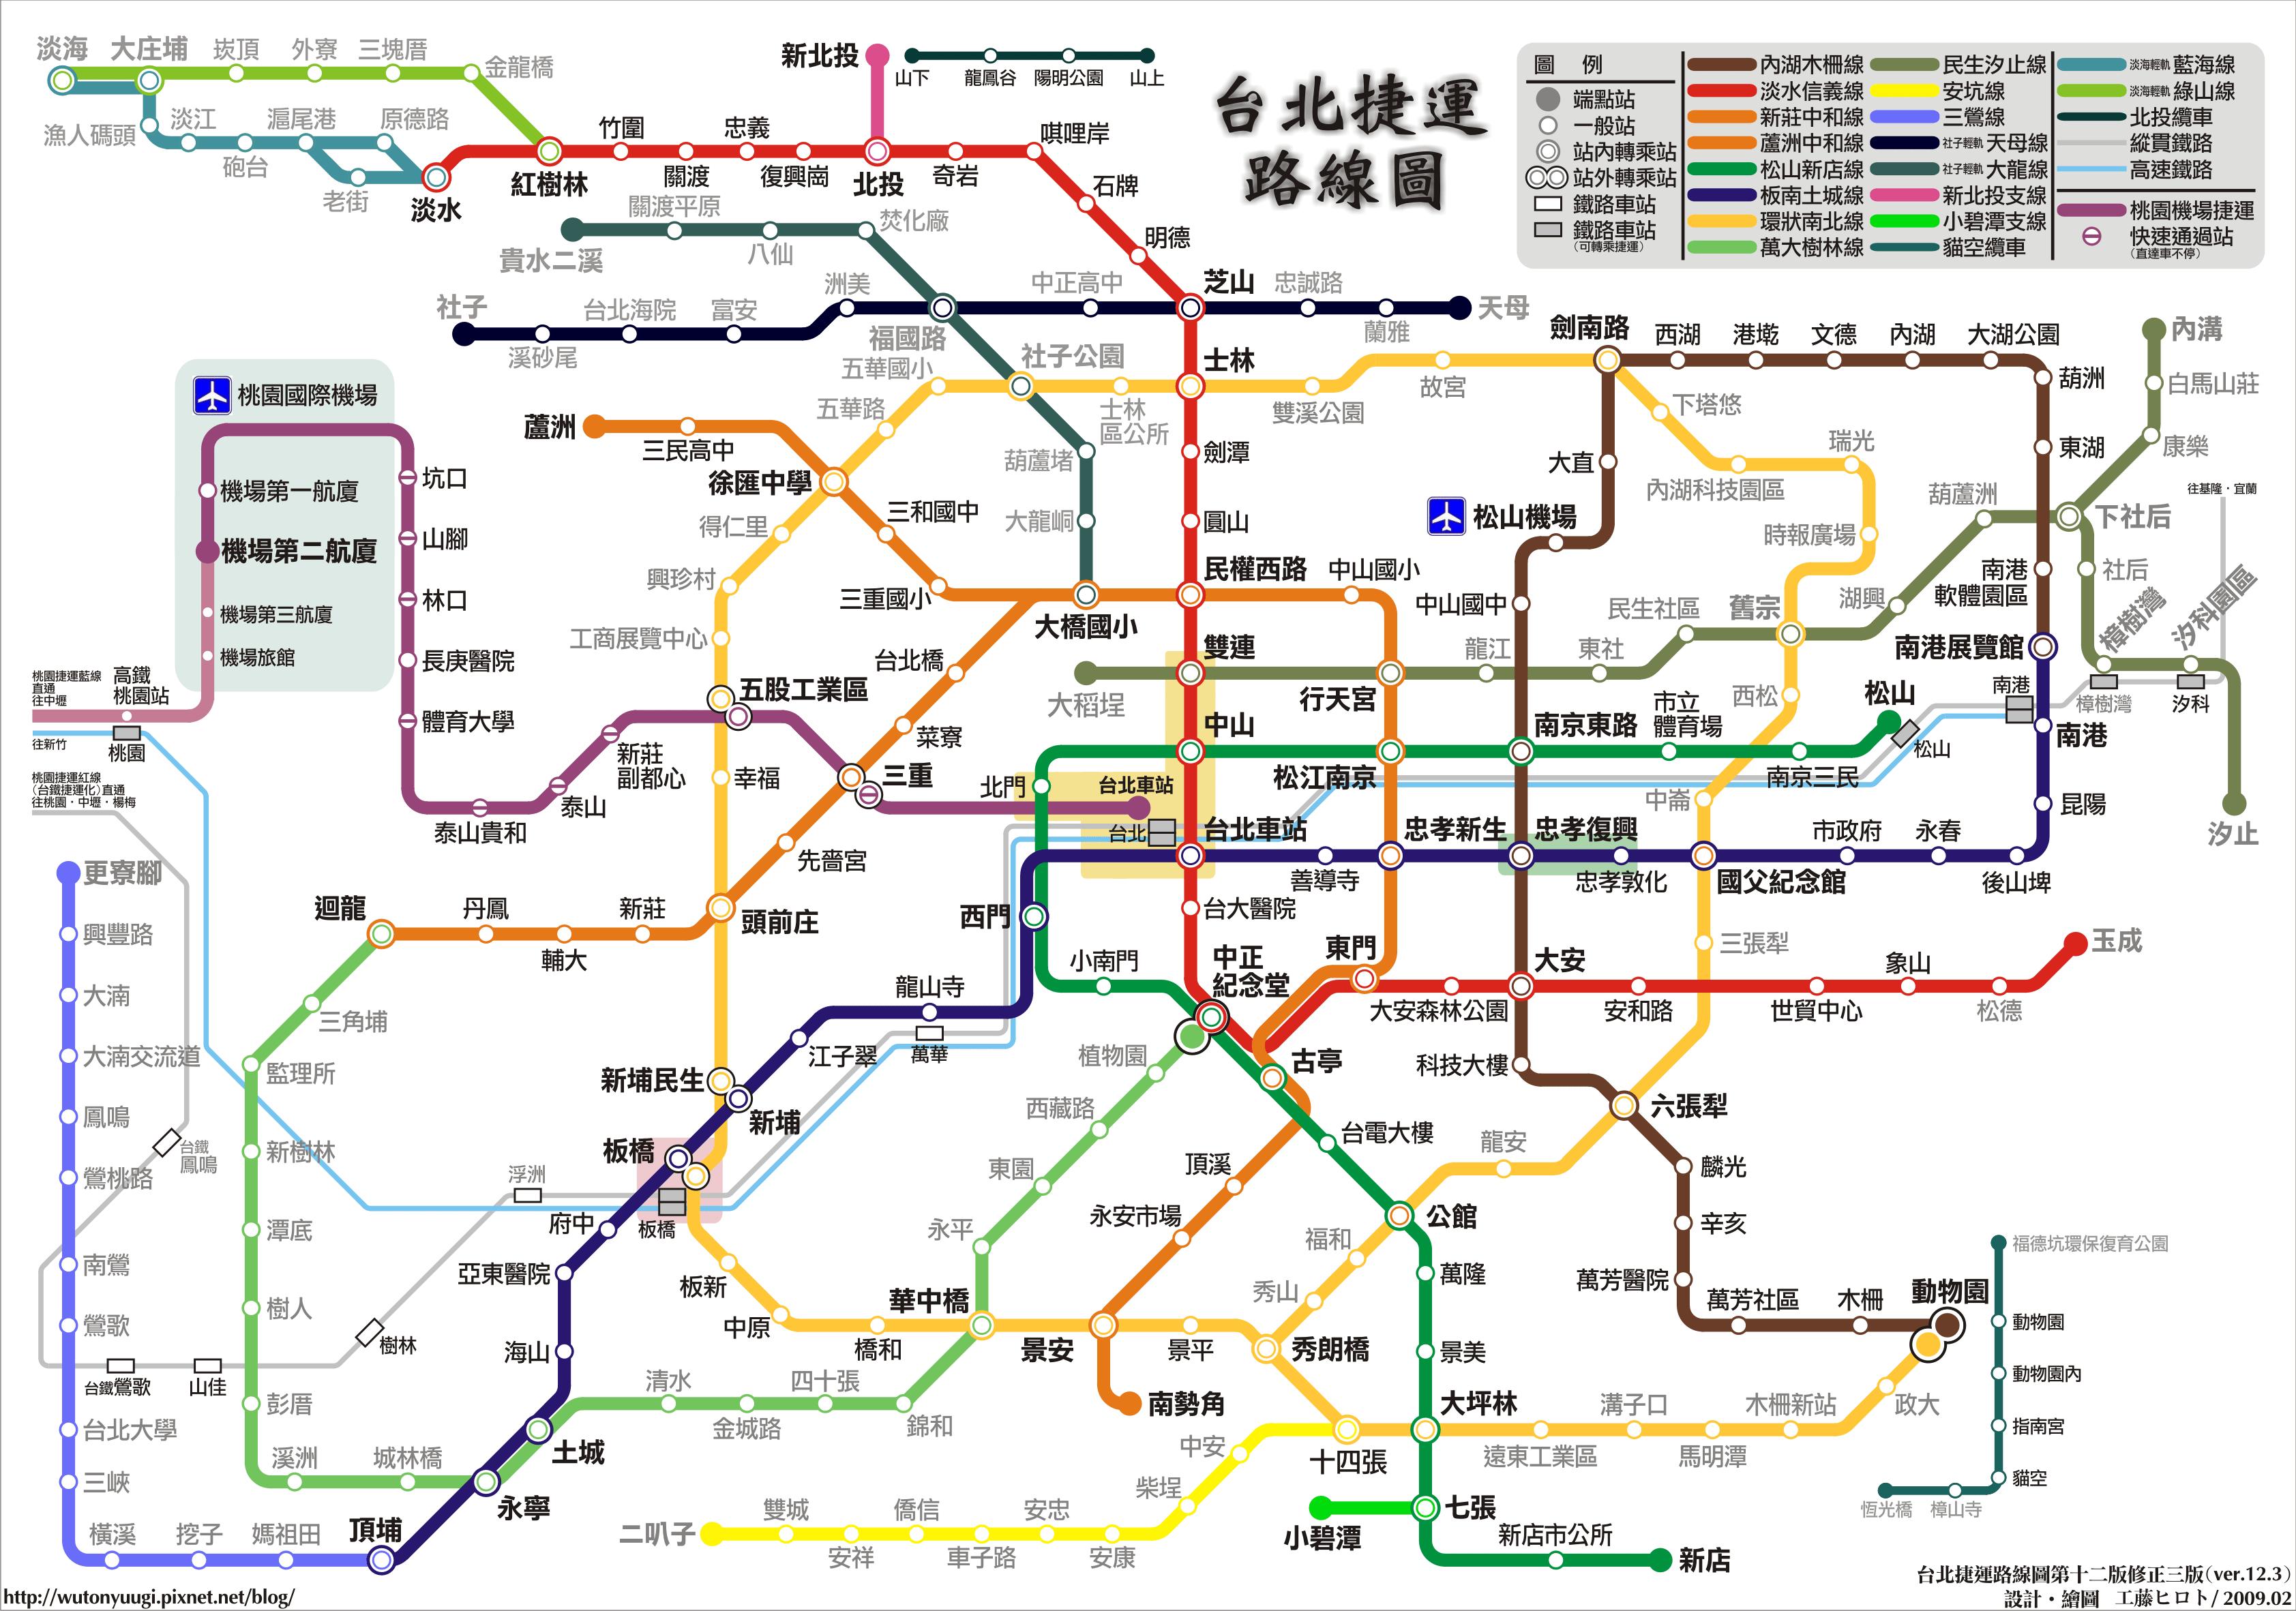 臺北捷運路線圖 (Taipei MRT Route Map)   逍遙文工作室